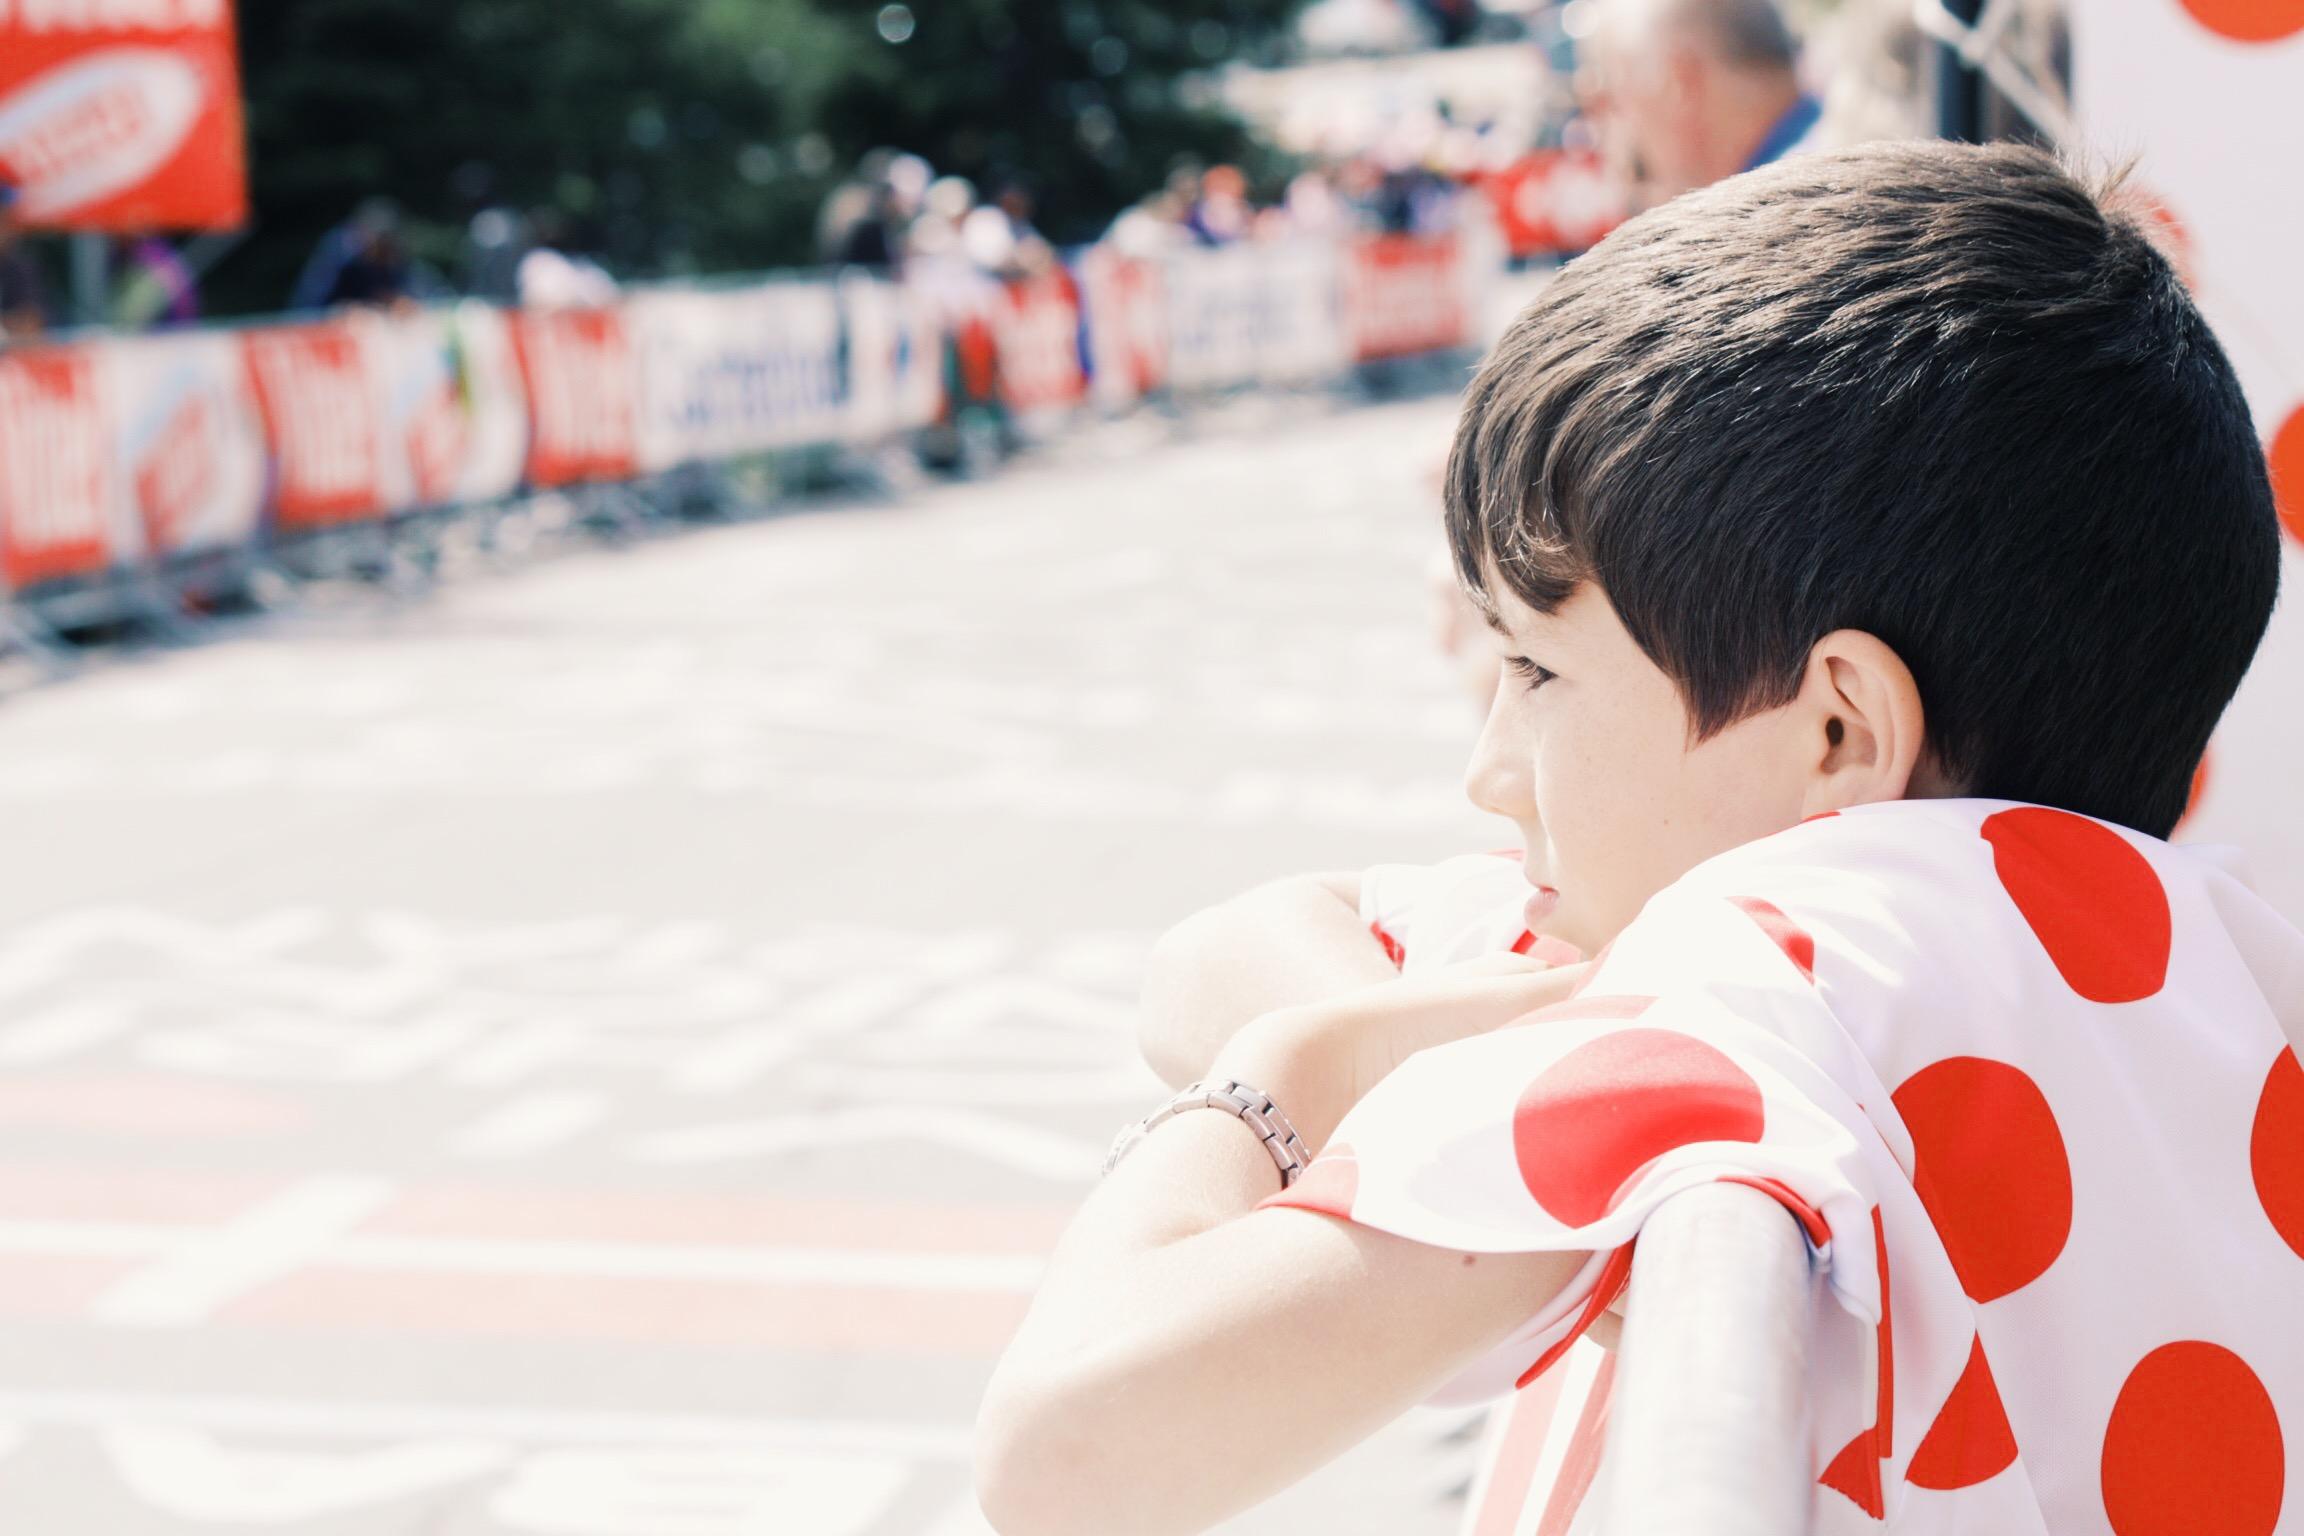 Polka dot shirt kid waiting for riders at Alpe D'Huez